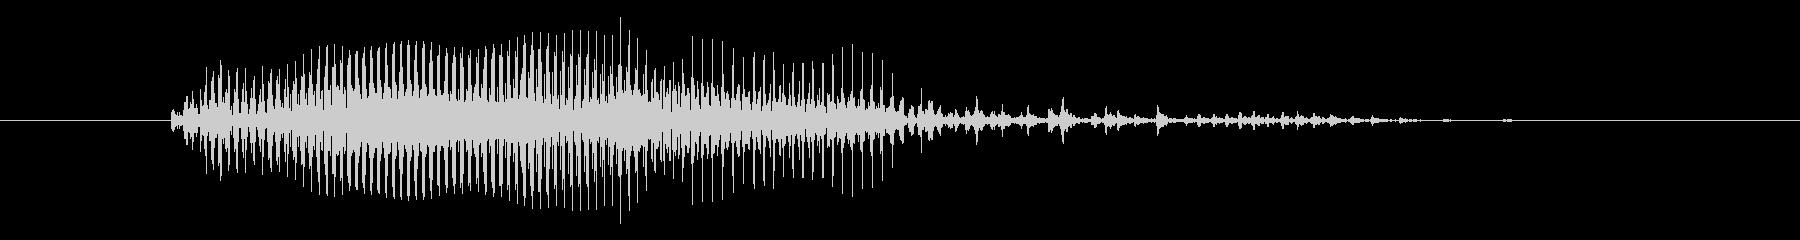 女性:シングルうめき声、コメディう...の未再生の波形